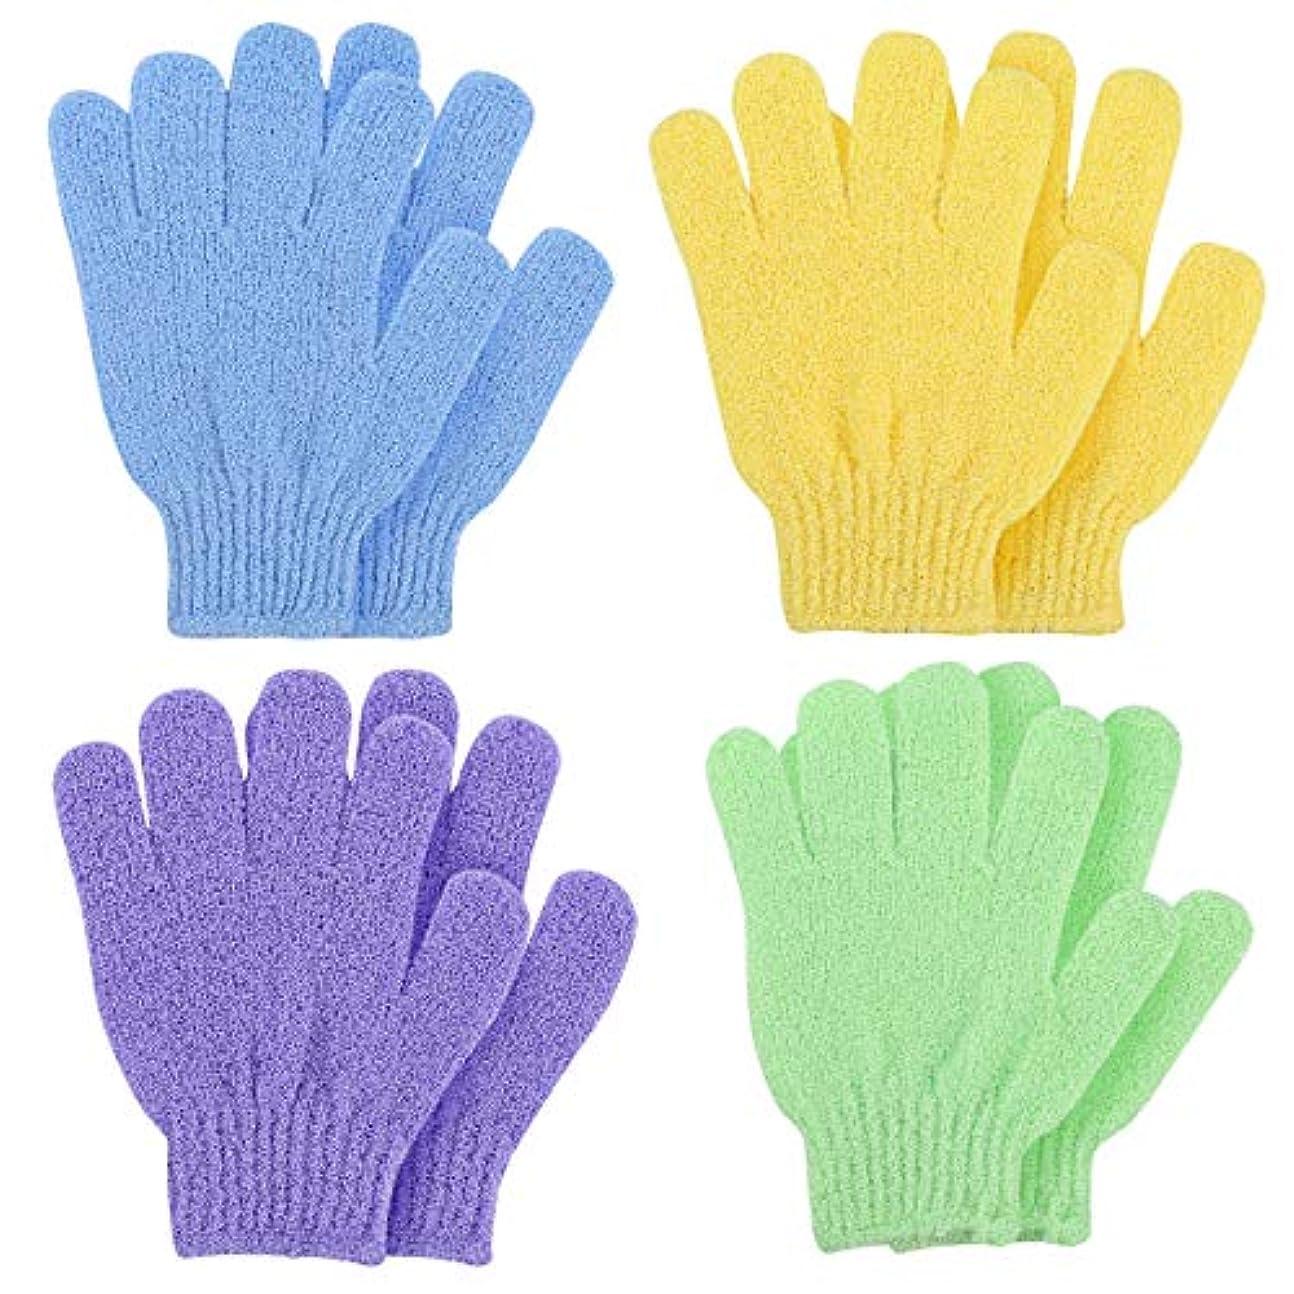 ありがたい鎮痛剤海上Frcolor 浴用手袋 お風呂手袋 泡立ち シャワーバスグローブ ナイロン 垢すり手袋 五本指 4ペア(ランダムカラー)